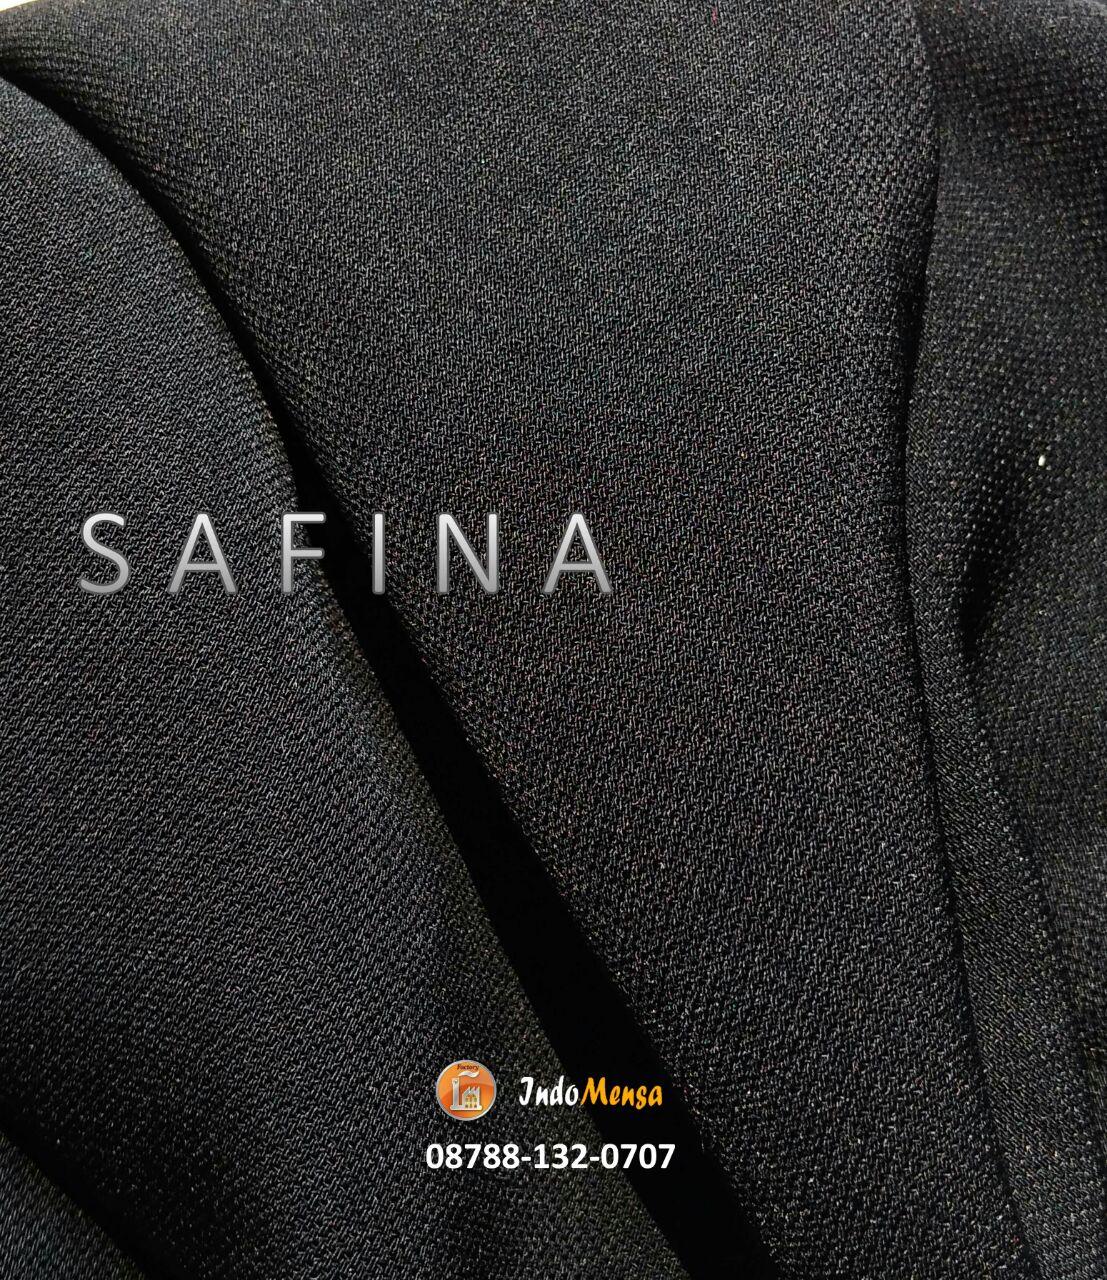 Kain Torino Safina